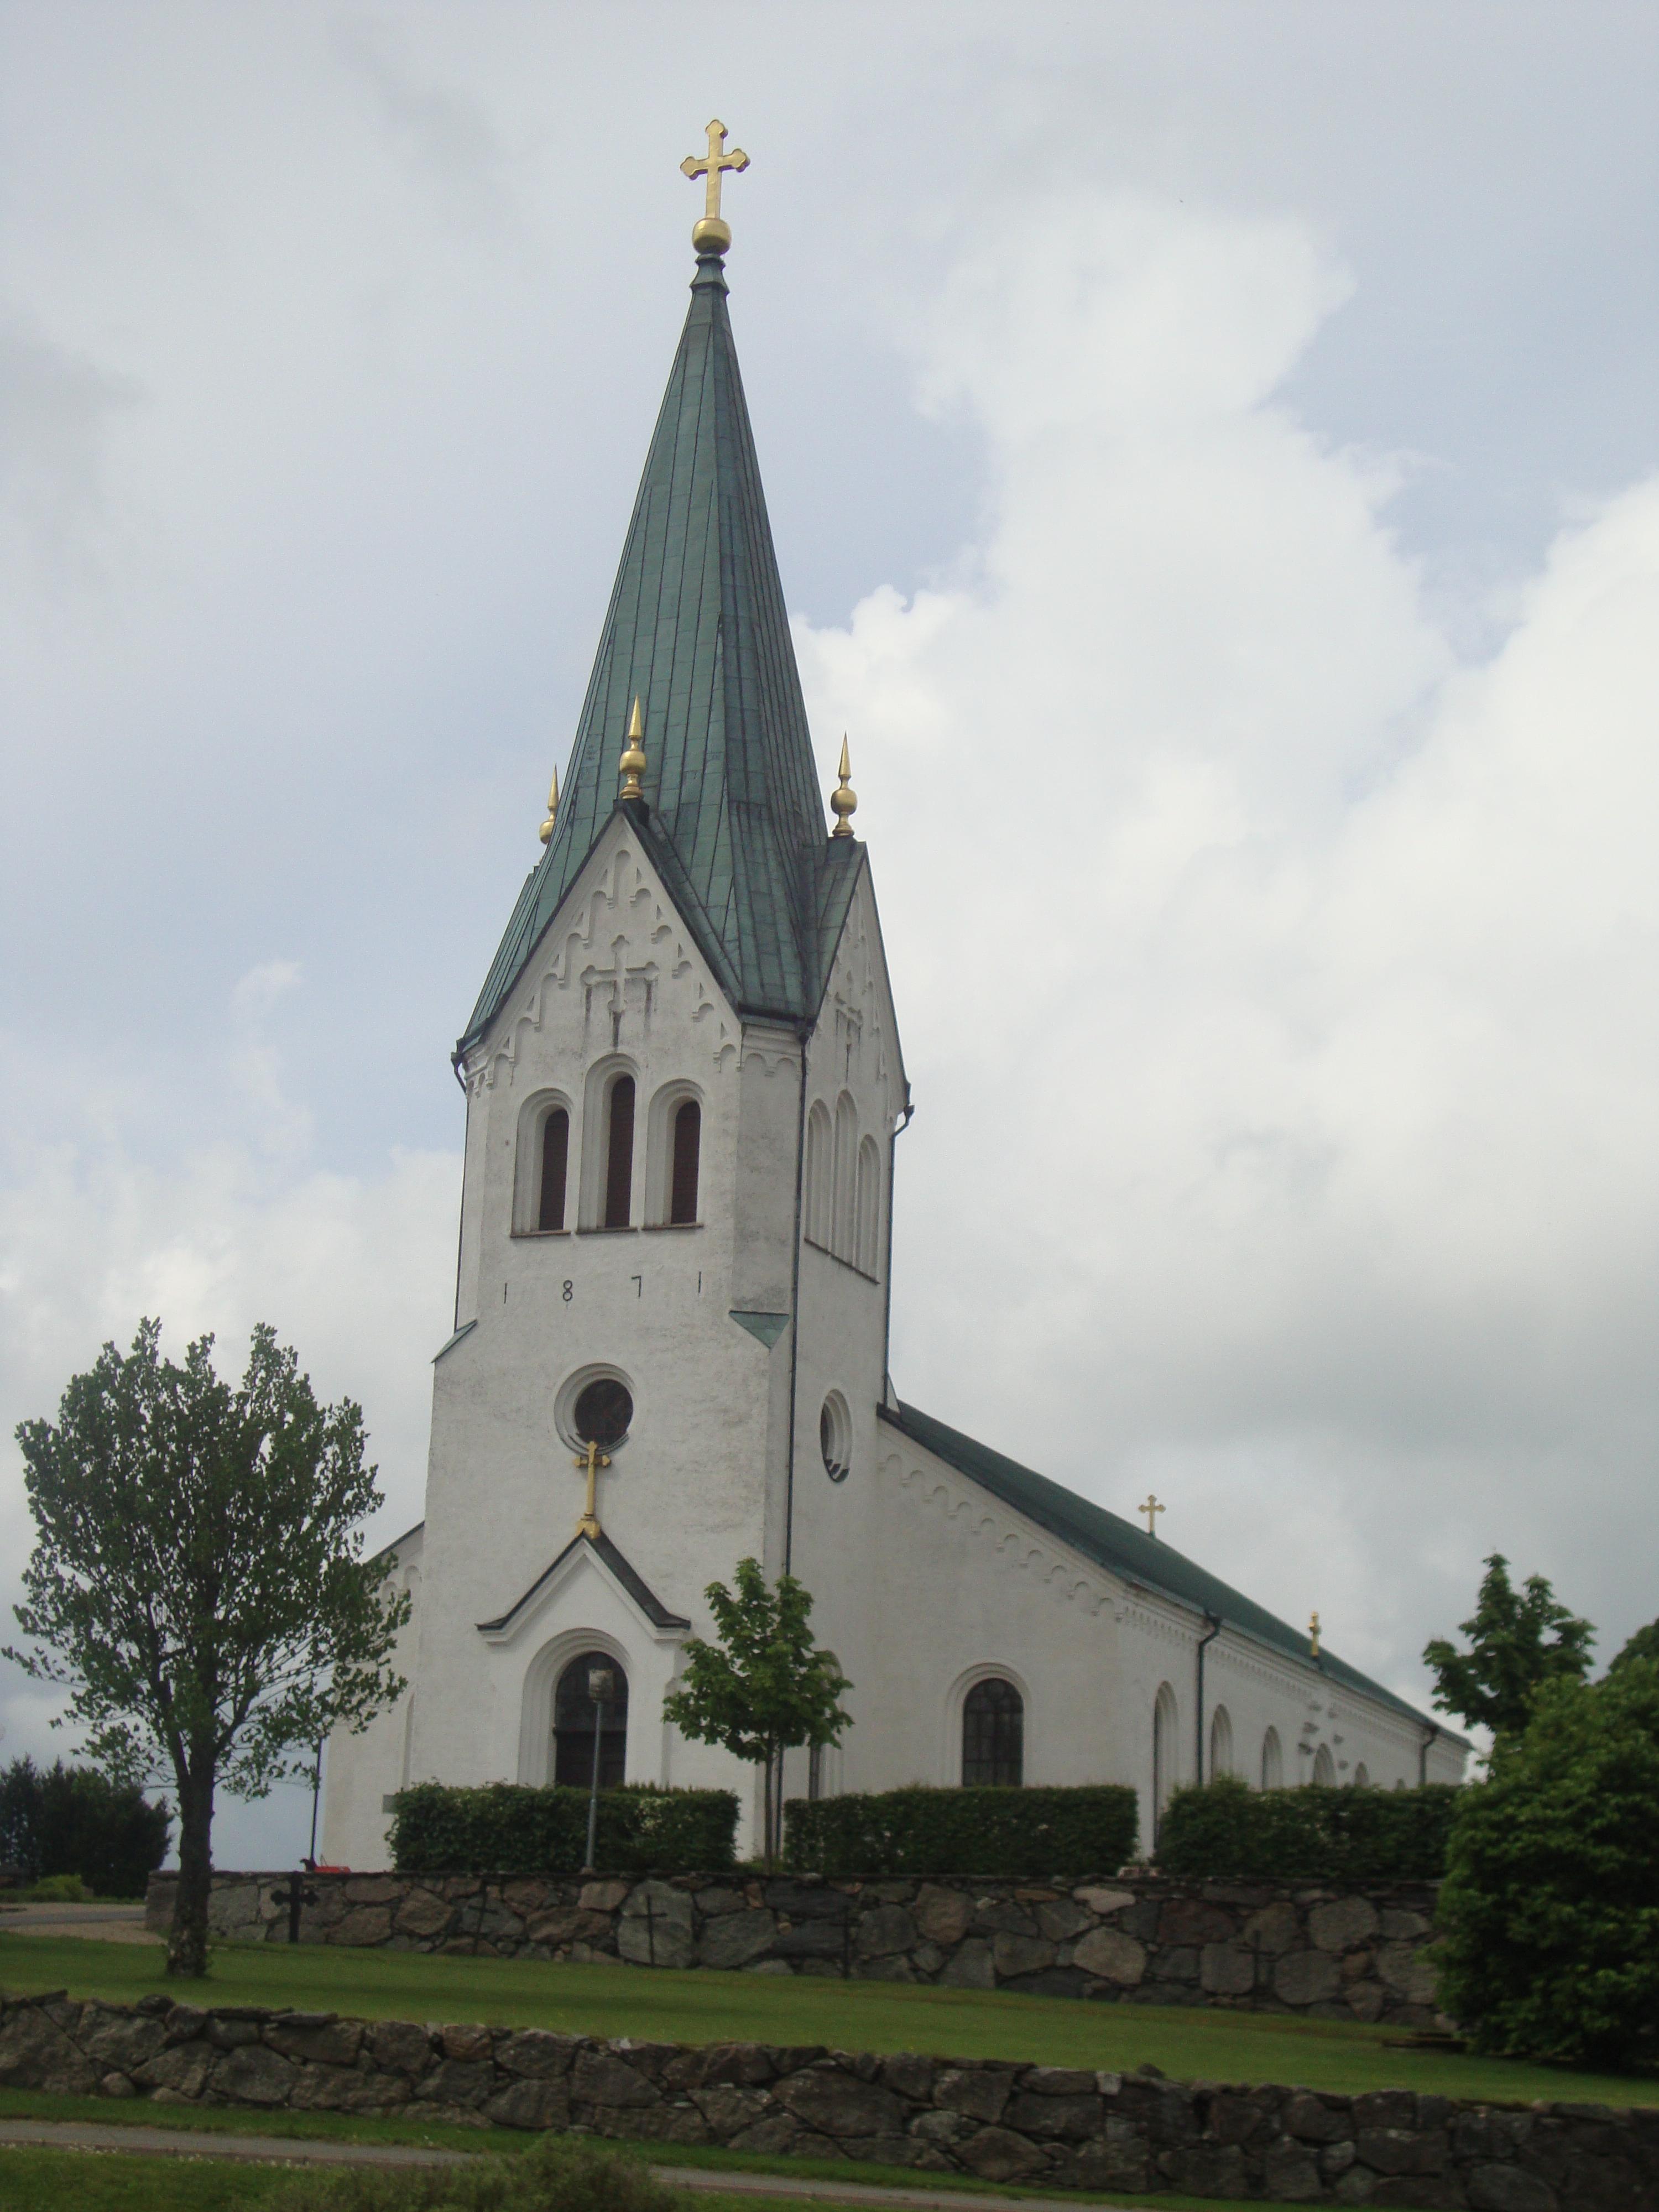 Nsum - Sk - Bromlla Kommun